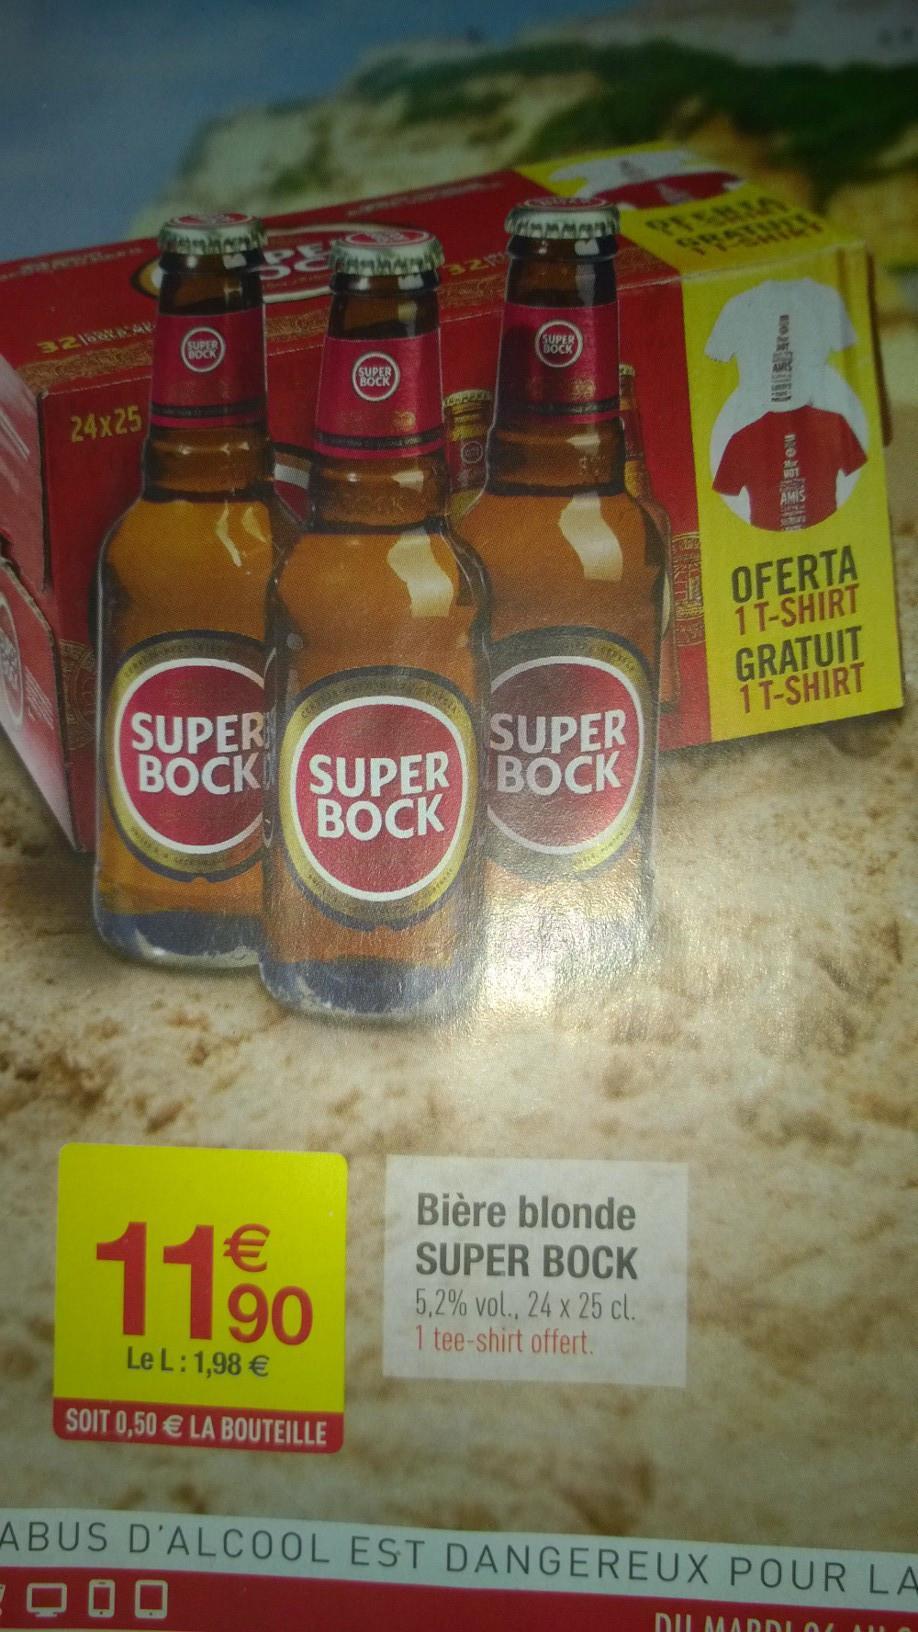 Pack de bières Super Bock 24x - 25cl + T-Shirt offert